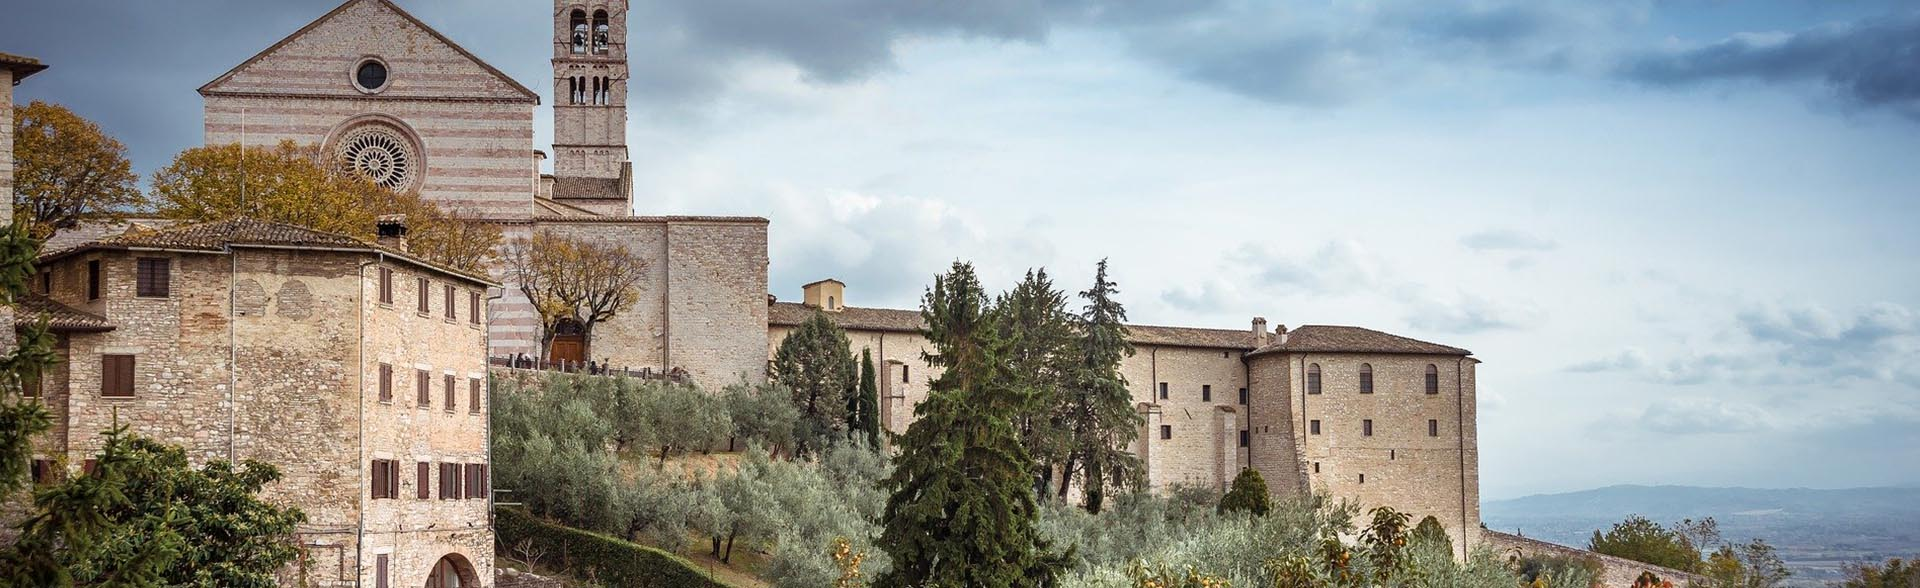 Terra di Mezzo Viaggi - Destinazione -Umbria e Assisi Tour Borghi Italia